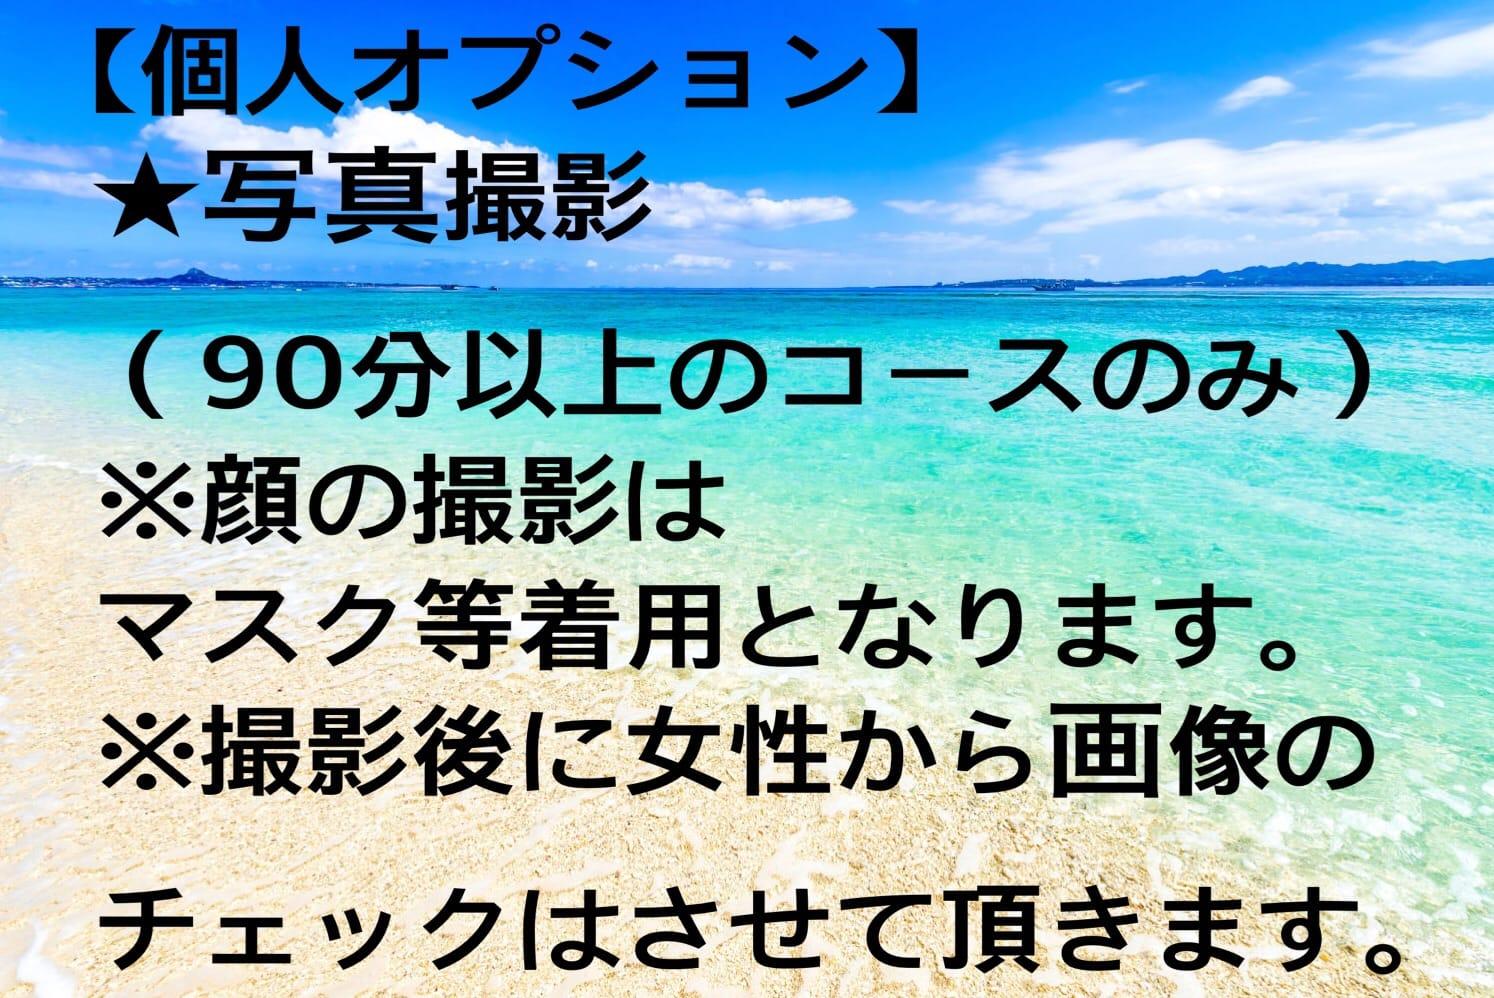 あやめ「ただいまぁ\( *´ω`* )/」02/25(日) 00:38 | あやめの写メ・風俗動画